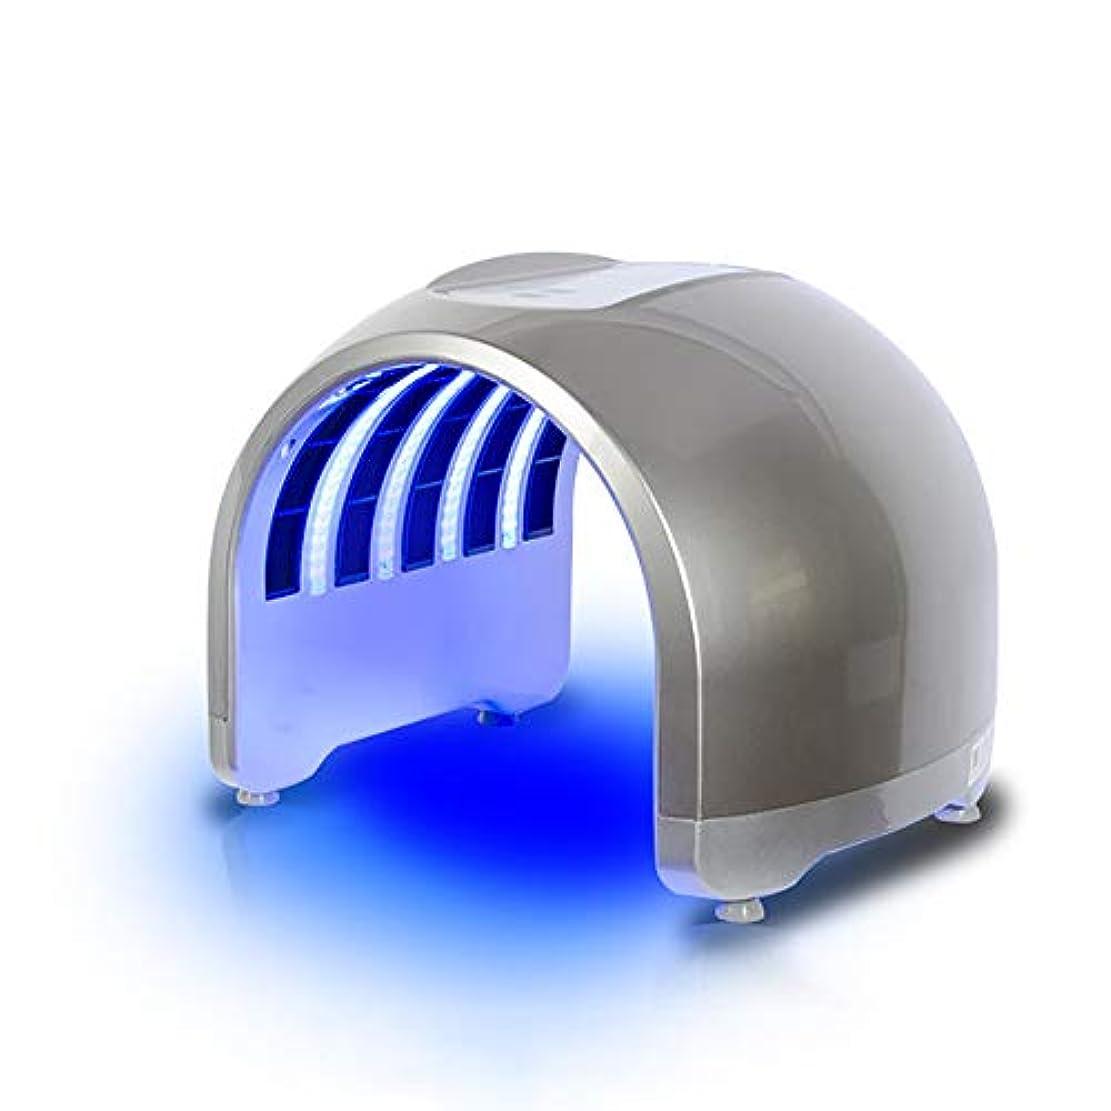 世界的におもてなしエレクトロニック7色ledフェイシャルマスク、ポータブルにきび治療しわ除去アンチエイジング肌の若返りスキンケア美容機